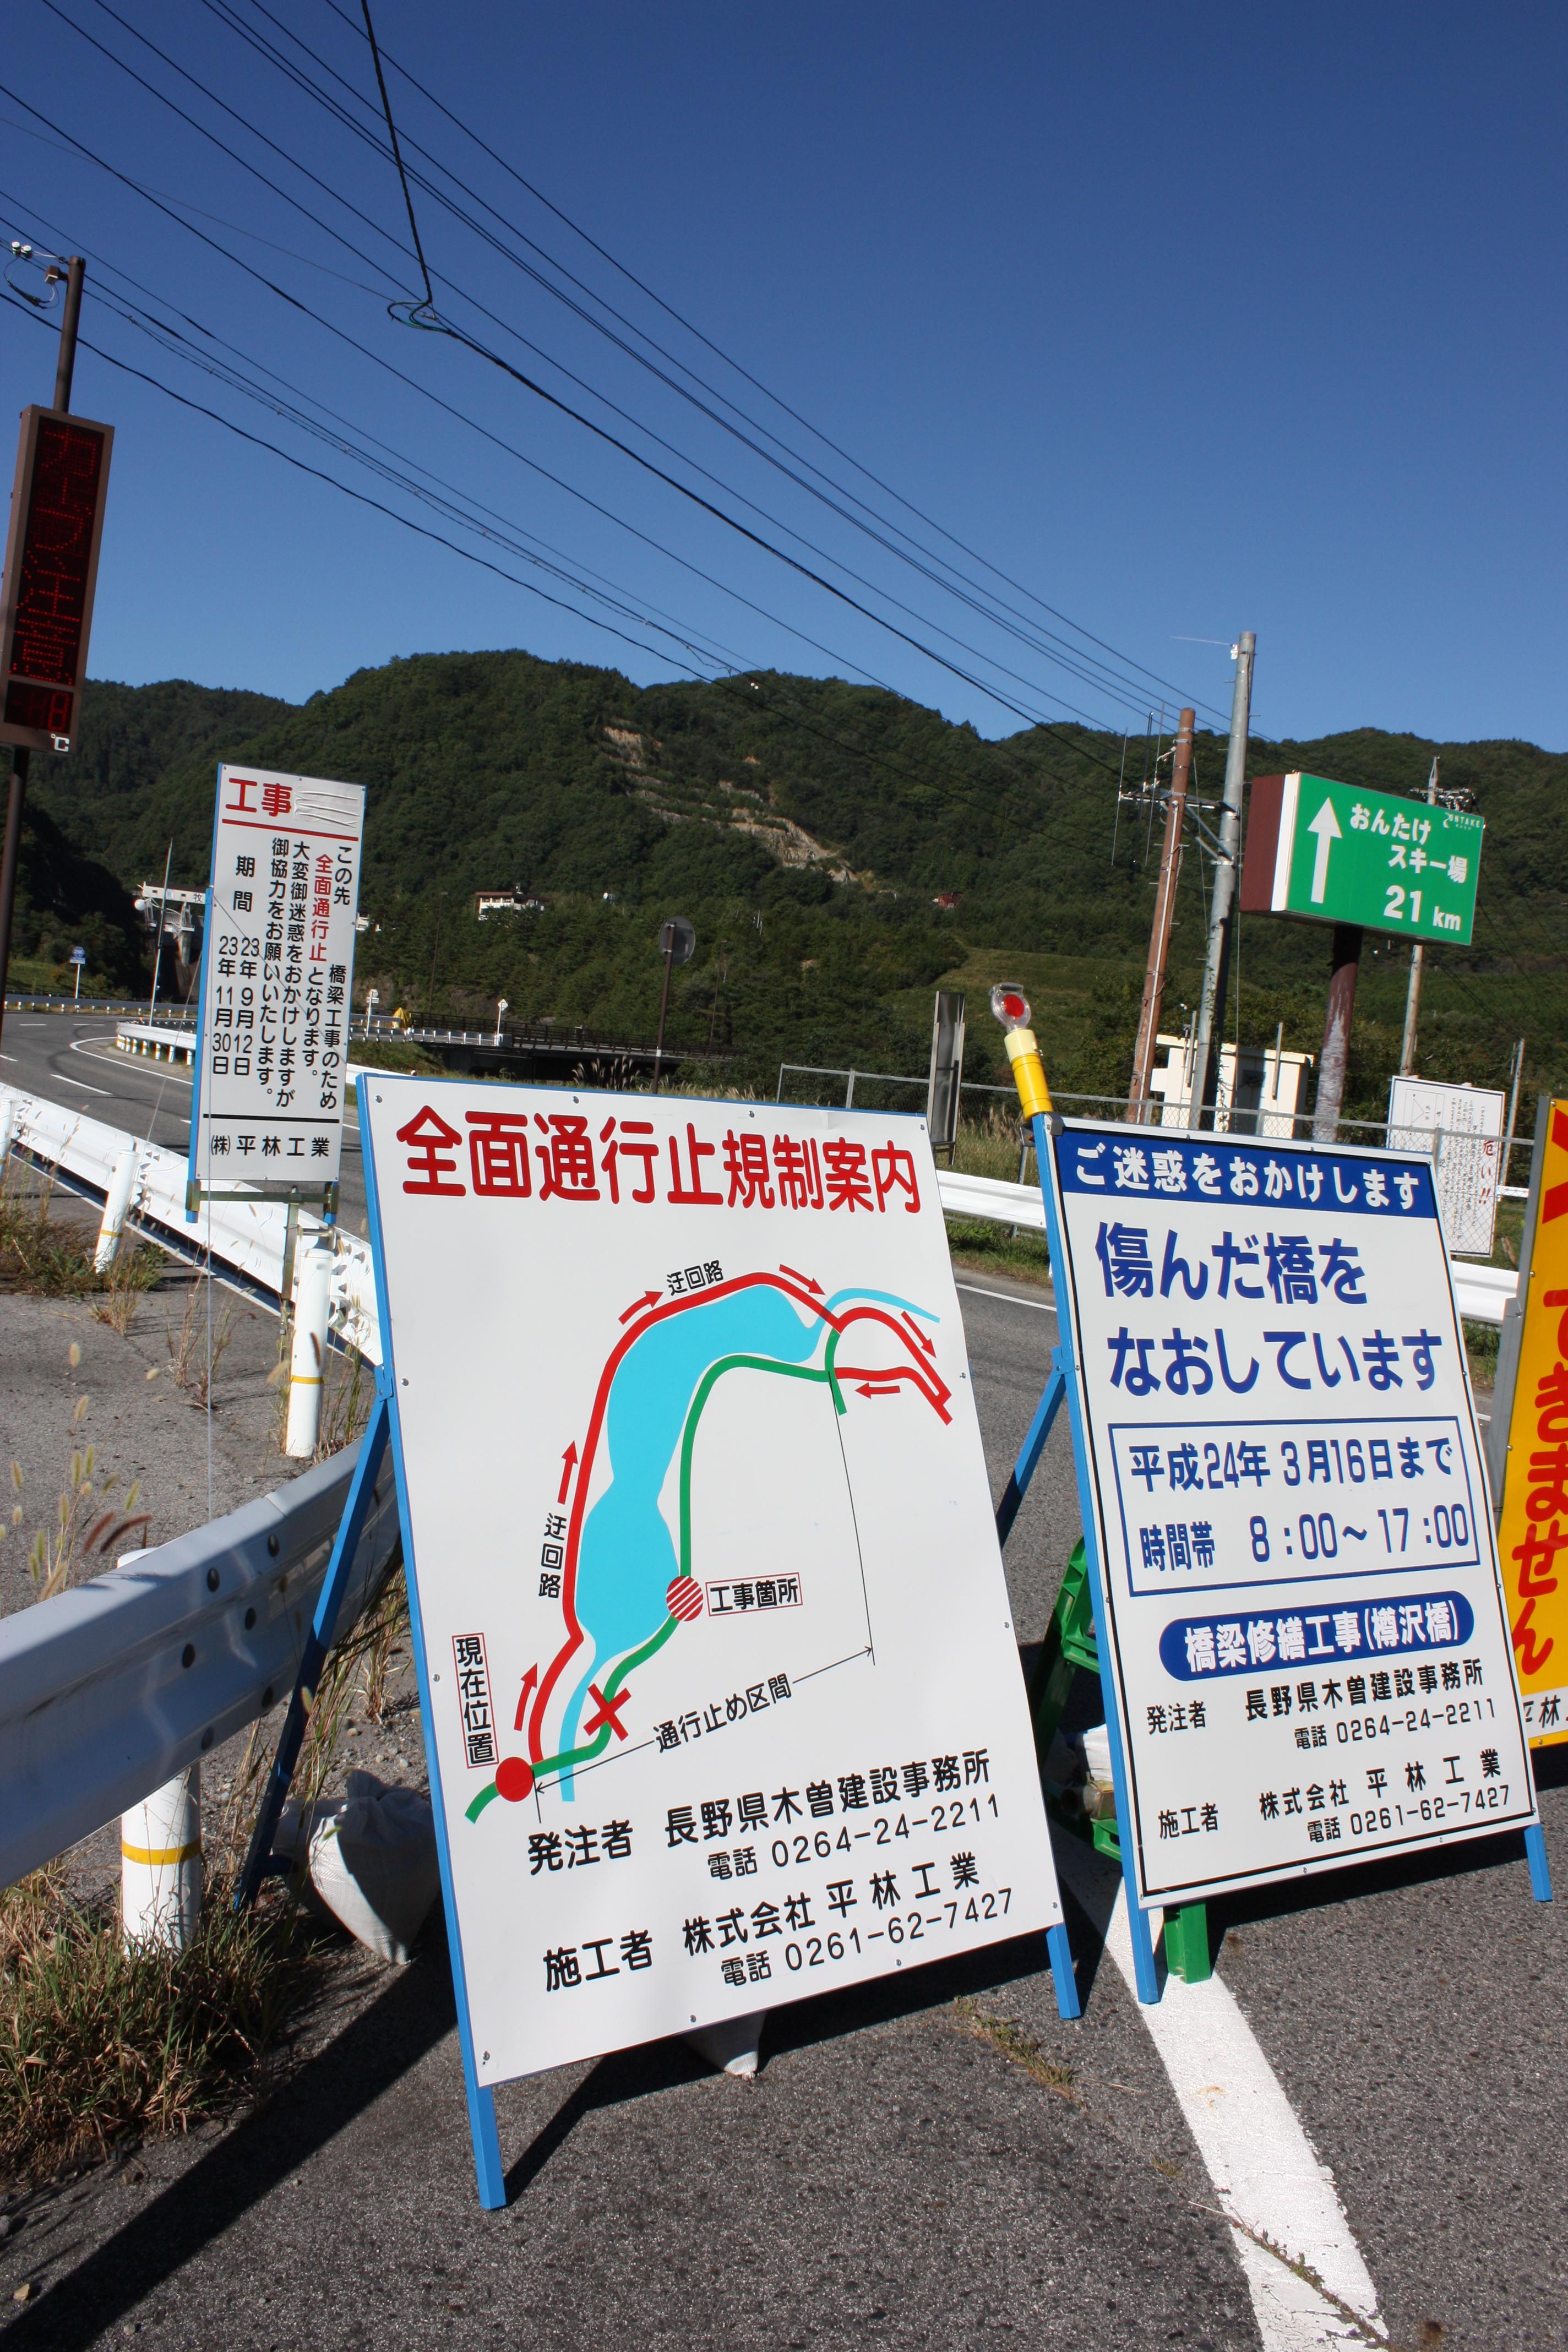 牧尾ダムの通行規制